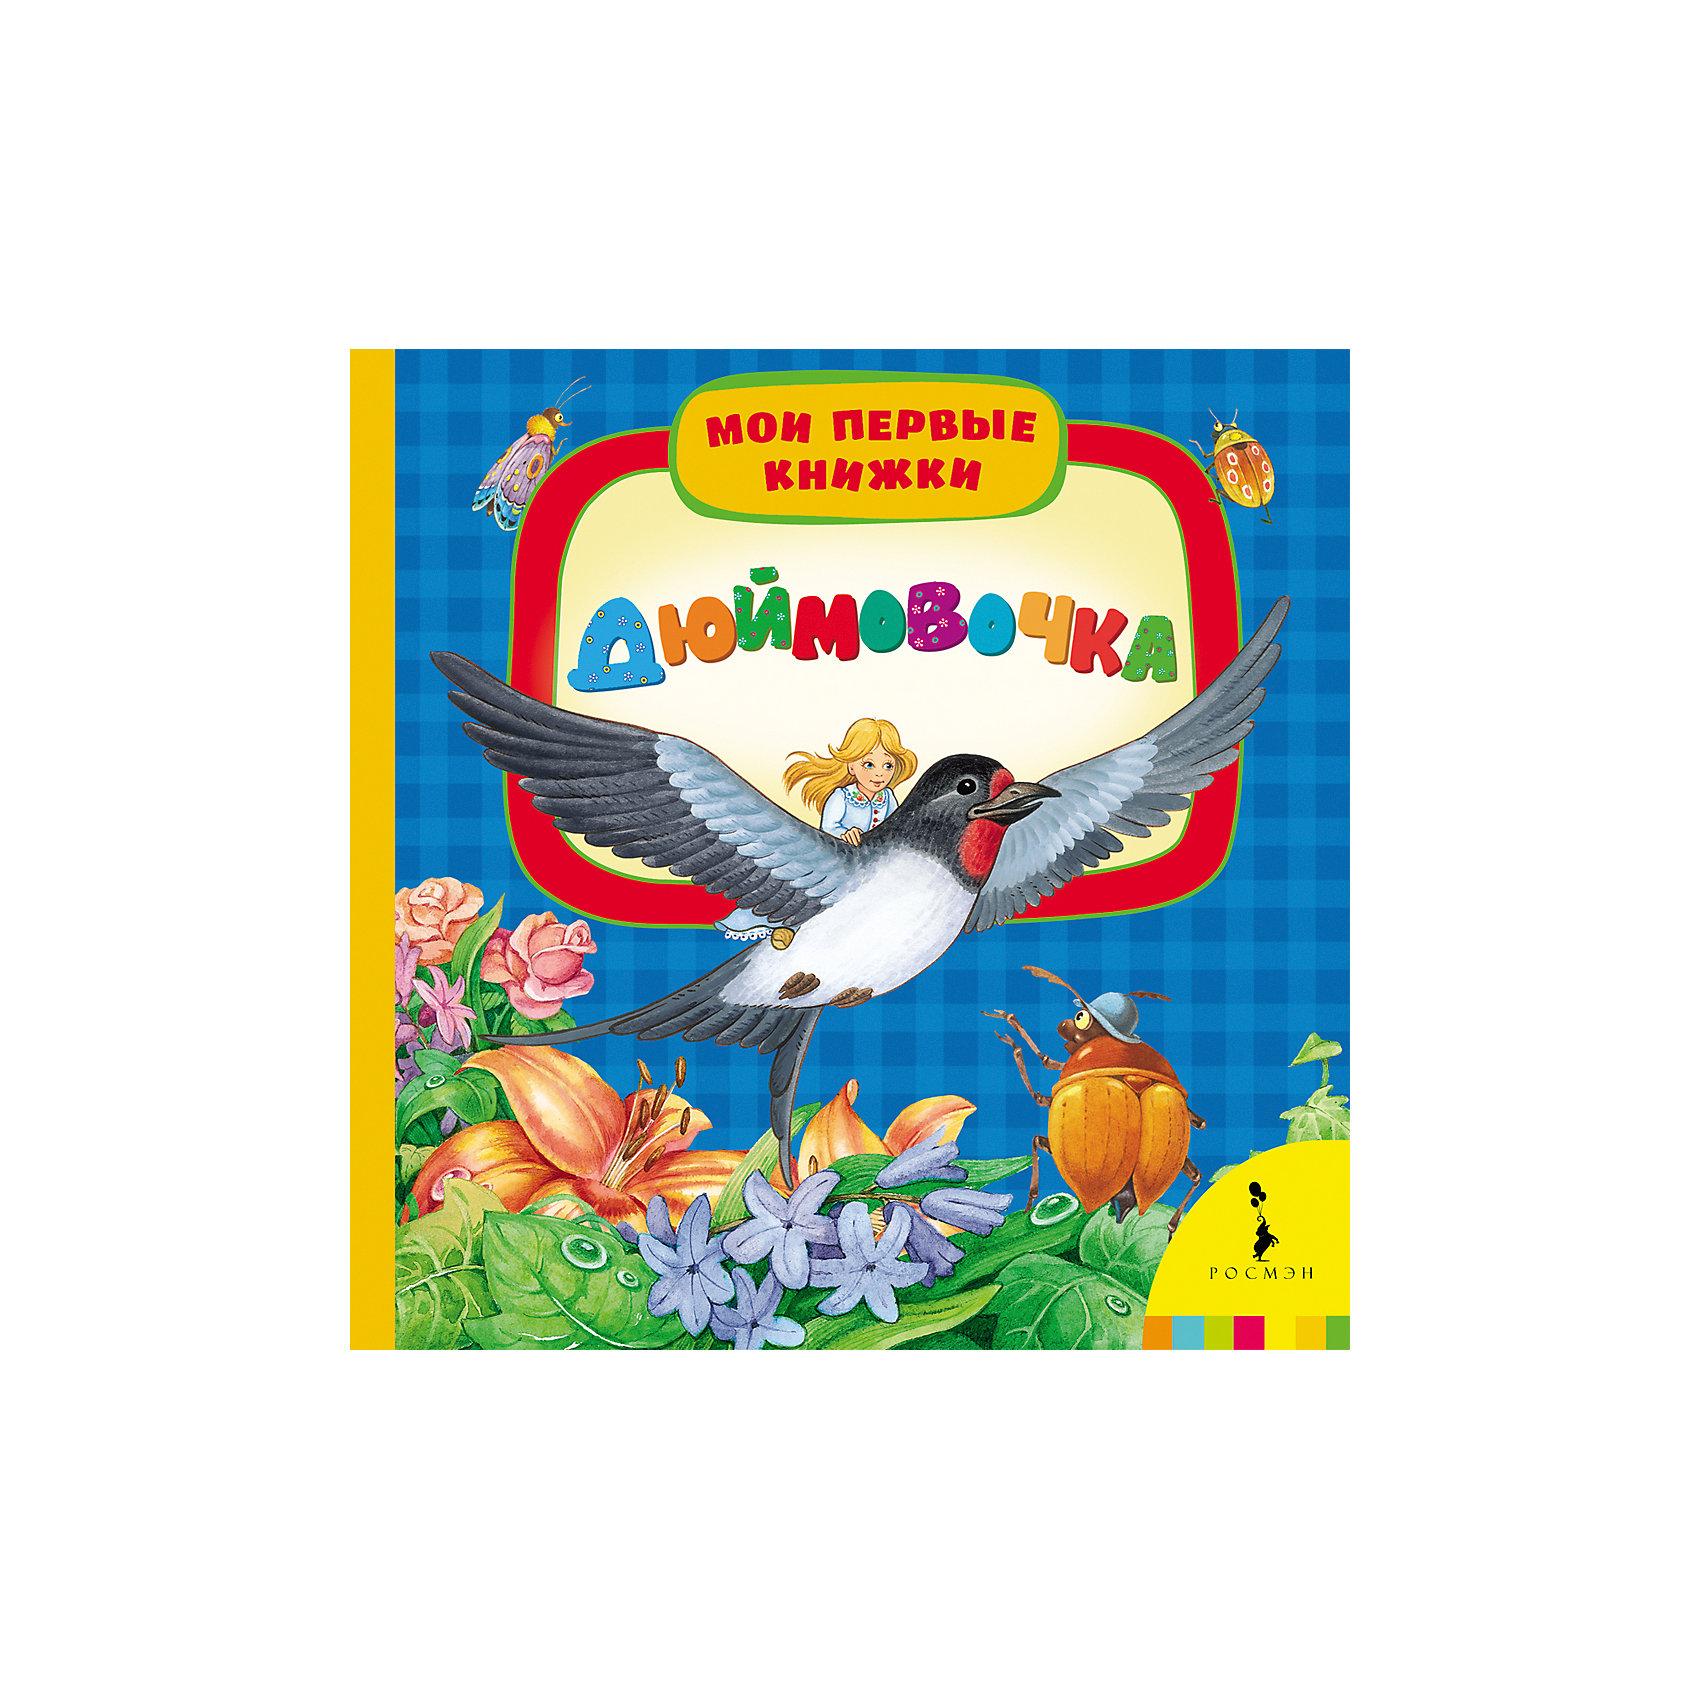 Дюймовочка, Мои первые книжкиПервые книги малыша<br>Характеристики товара:<br><br>- цвет: разноцветный;<br>- материал: бумага;<br>- страниц: 14;<br>- формат: 17 х 17 см;<br>- обложка: картон;<br>- возраст: от 1 года. <br><br>Издания серии Мои первые книжки - отличный способ занять ребенка! Эта красочная книга станет отличным подарком для родителей и малыша. Она содержит в себе известные сказки, которые так любят дети. Отличный способ привить малышу любовь к чтению! Удобный формат и плотные странички позволят брать книгу с собой в поездки.<br>Чтение и рассматривание картинок даже в юном возрасте помогает ребенку развивать память, концентрацию внимания и воображение. Издание произведено из качественных материалов, которые безопасны даже для самых маленьких.<br><br>Издание Дюймовочка, Мои первые книжки от компании Росмэн можно купить в нашем интернет-магазине.<br><br>Ширина мм: 165<br>Глубина мм: 165<br>Высота мм: 18<br>Вес г: 305<br>Возраст от месяцев: 0<br>Возраст до месяцев: 36<br>Пол: Унисекс<br>Возраст: Детский<br>SKU: 5110295